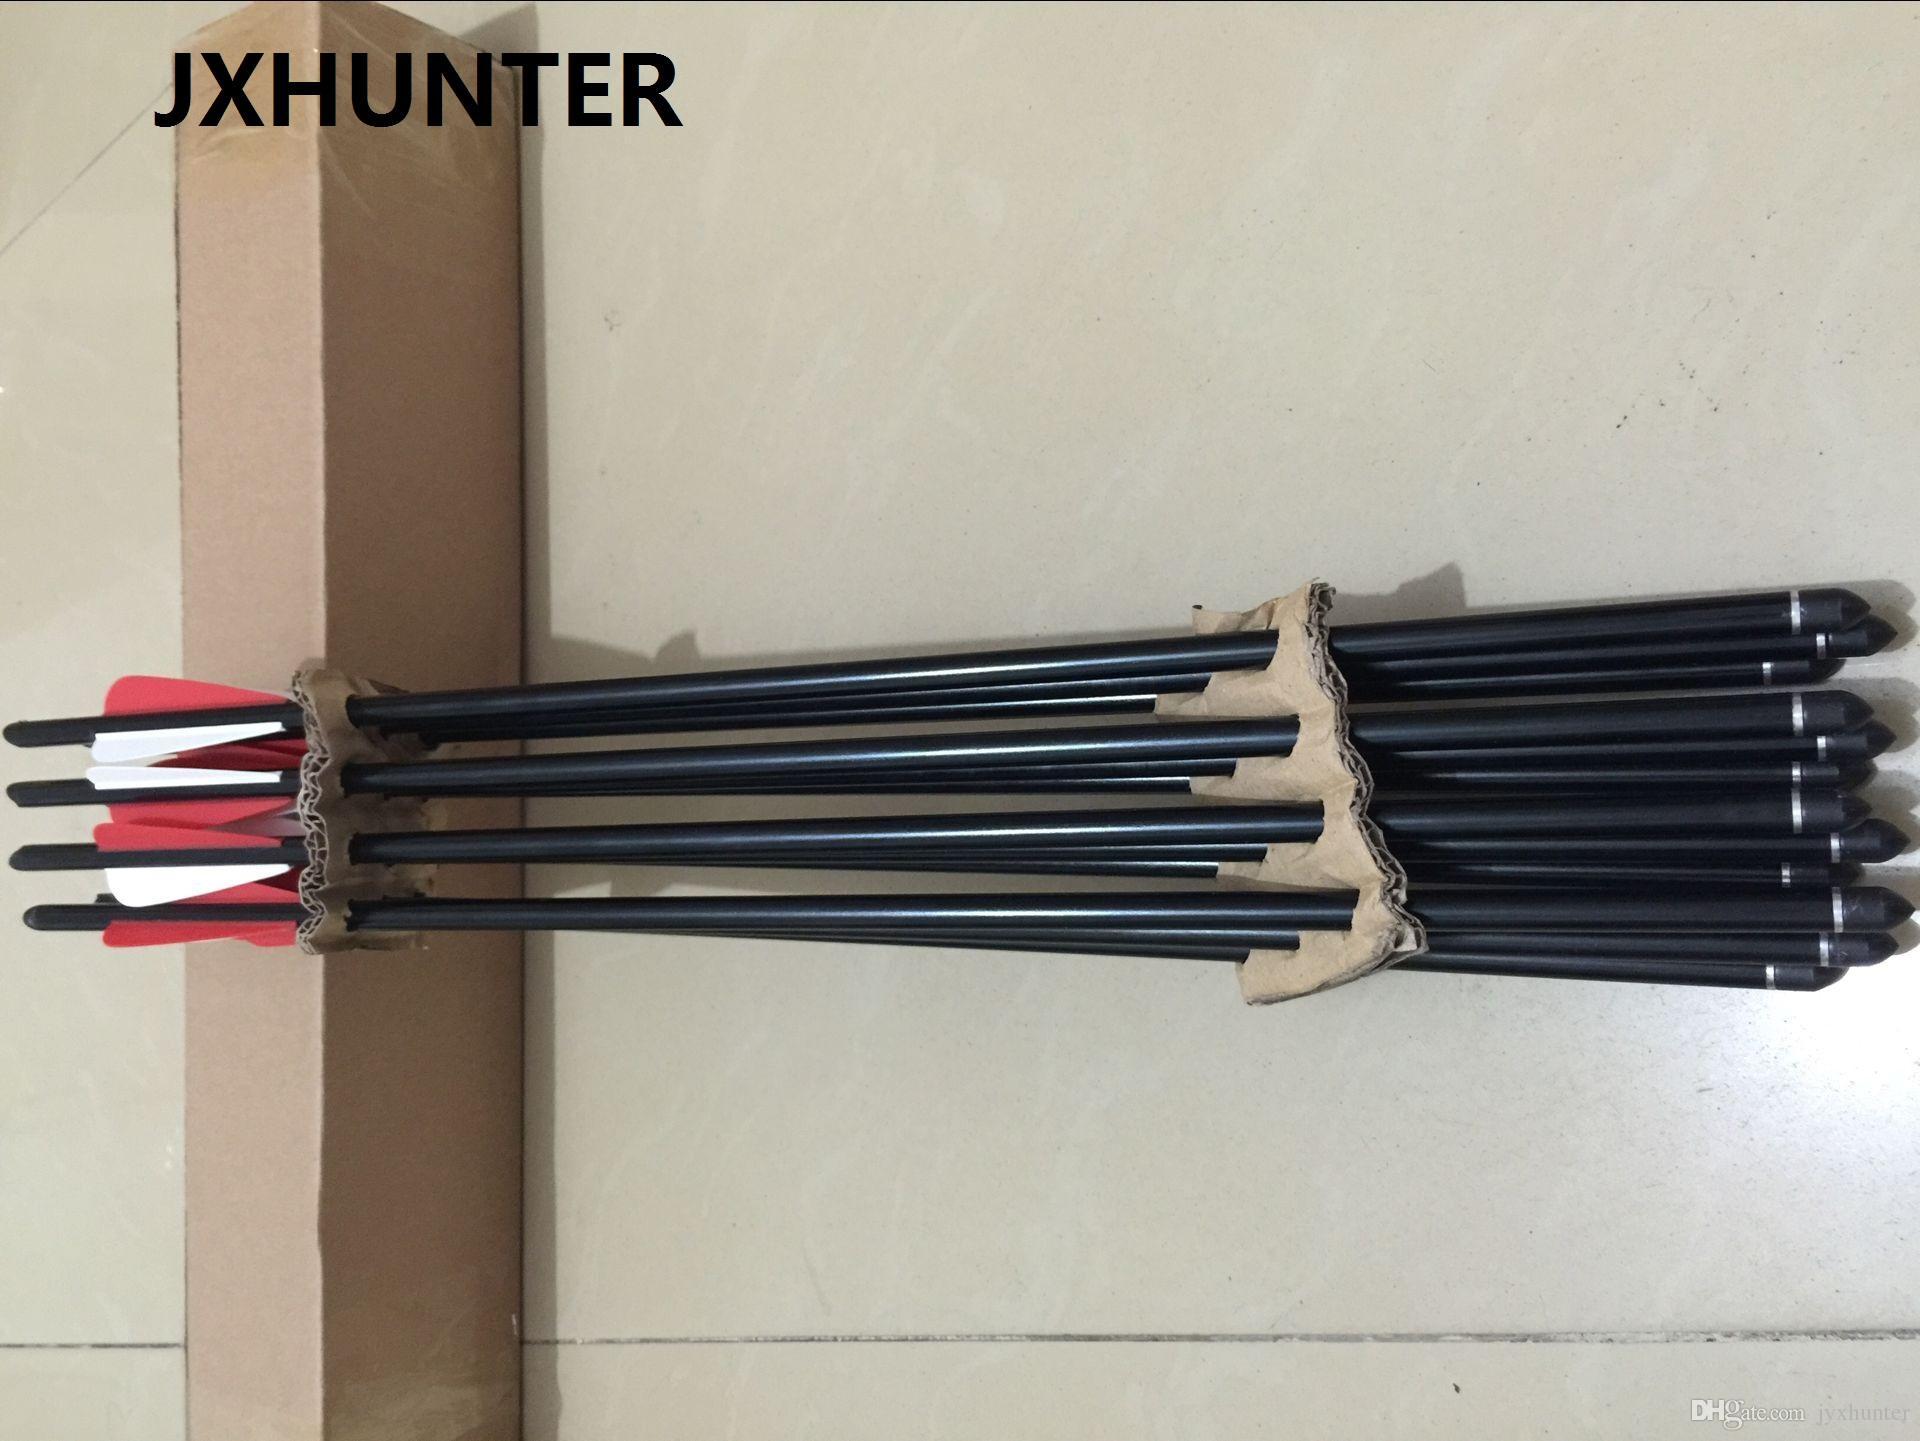 양궁 사냥 석궁 화살표 20 인치 알루미늄 석궁 화살 화살 100 점의 목표 지점